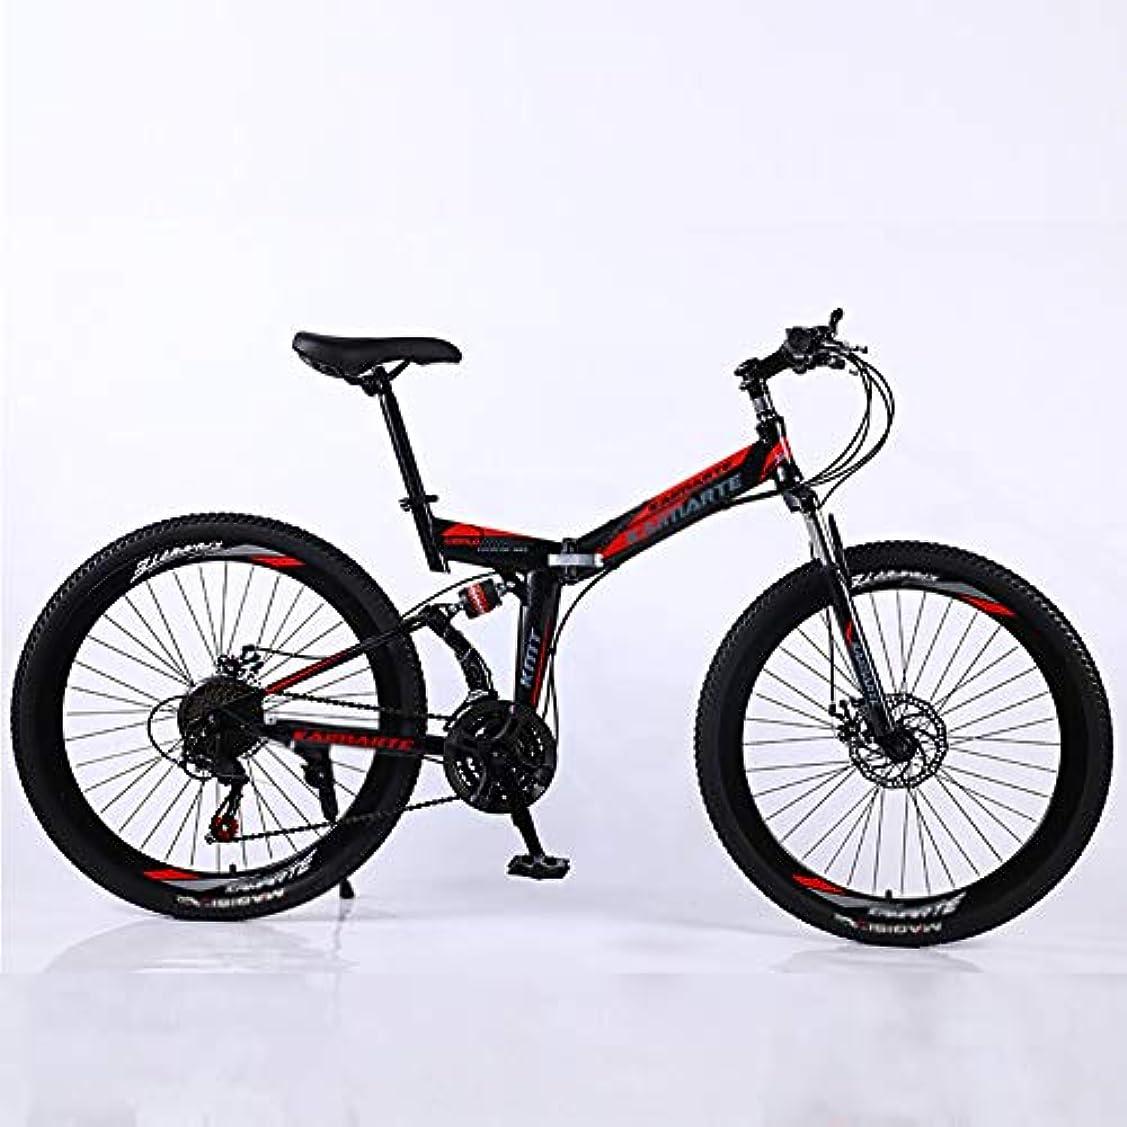 オッズピルファー過言軽量 自転車,26インチ デュアルディスクブレーキ 衝撃吸収 サイクル,アルミニウム合金 高炭素鋼 自転車